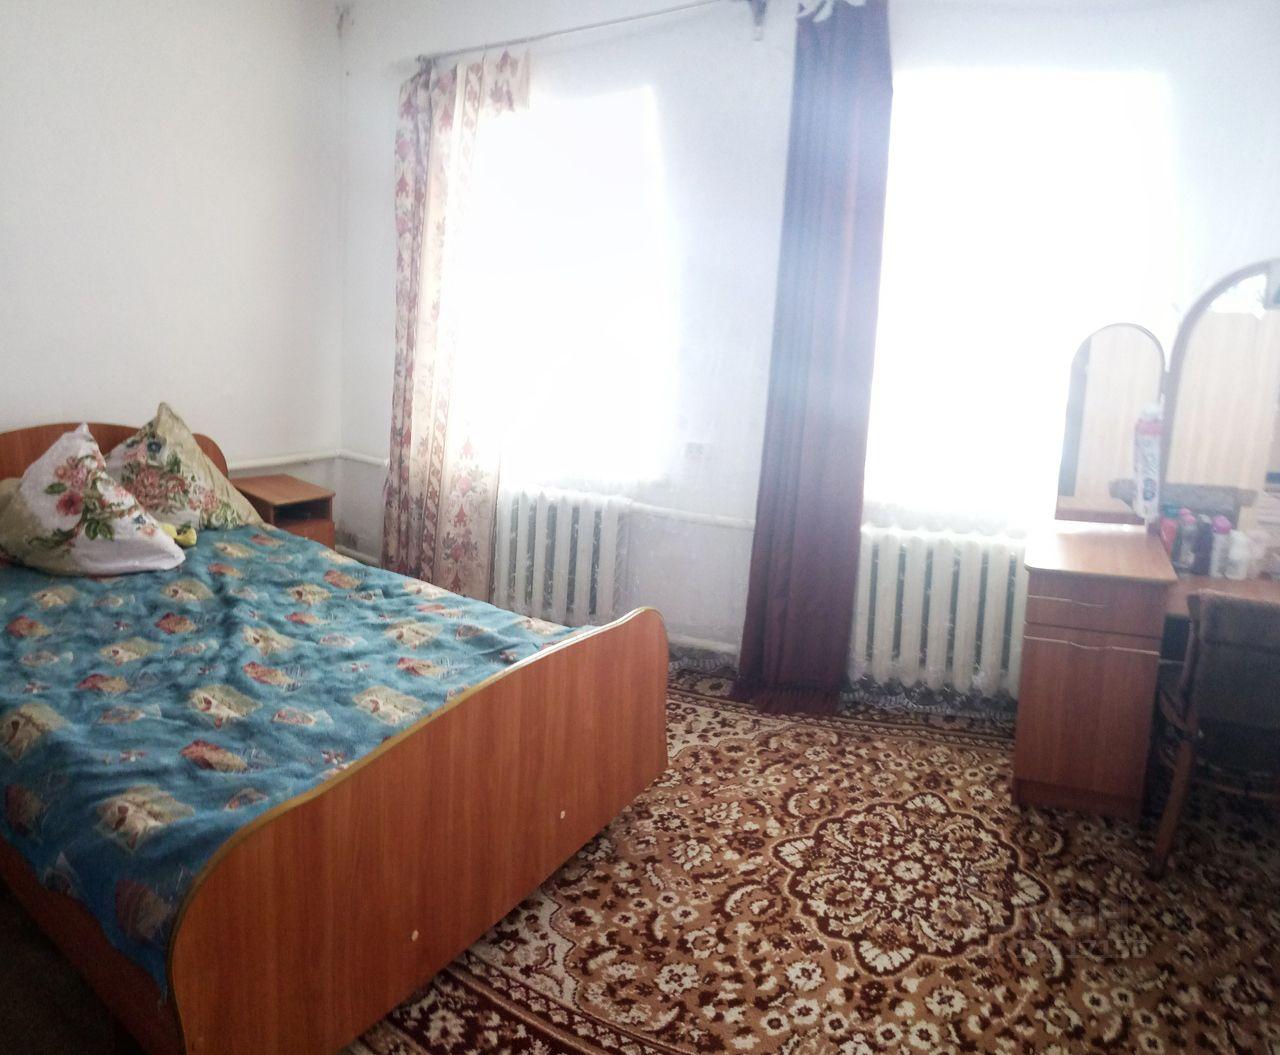 Продажа дома 50м² ул. Менжинского, Копейск, Челябинская область - база ЦИАН, объявление 220647502